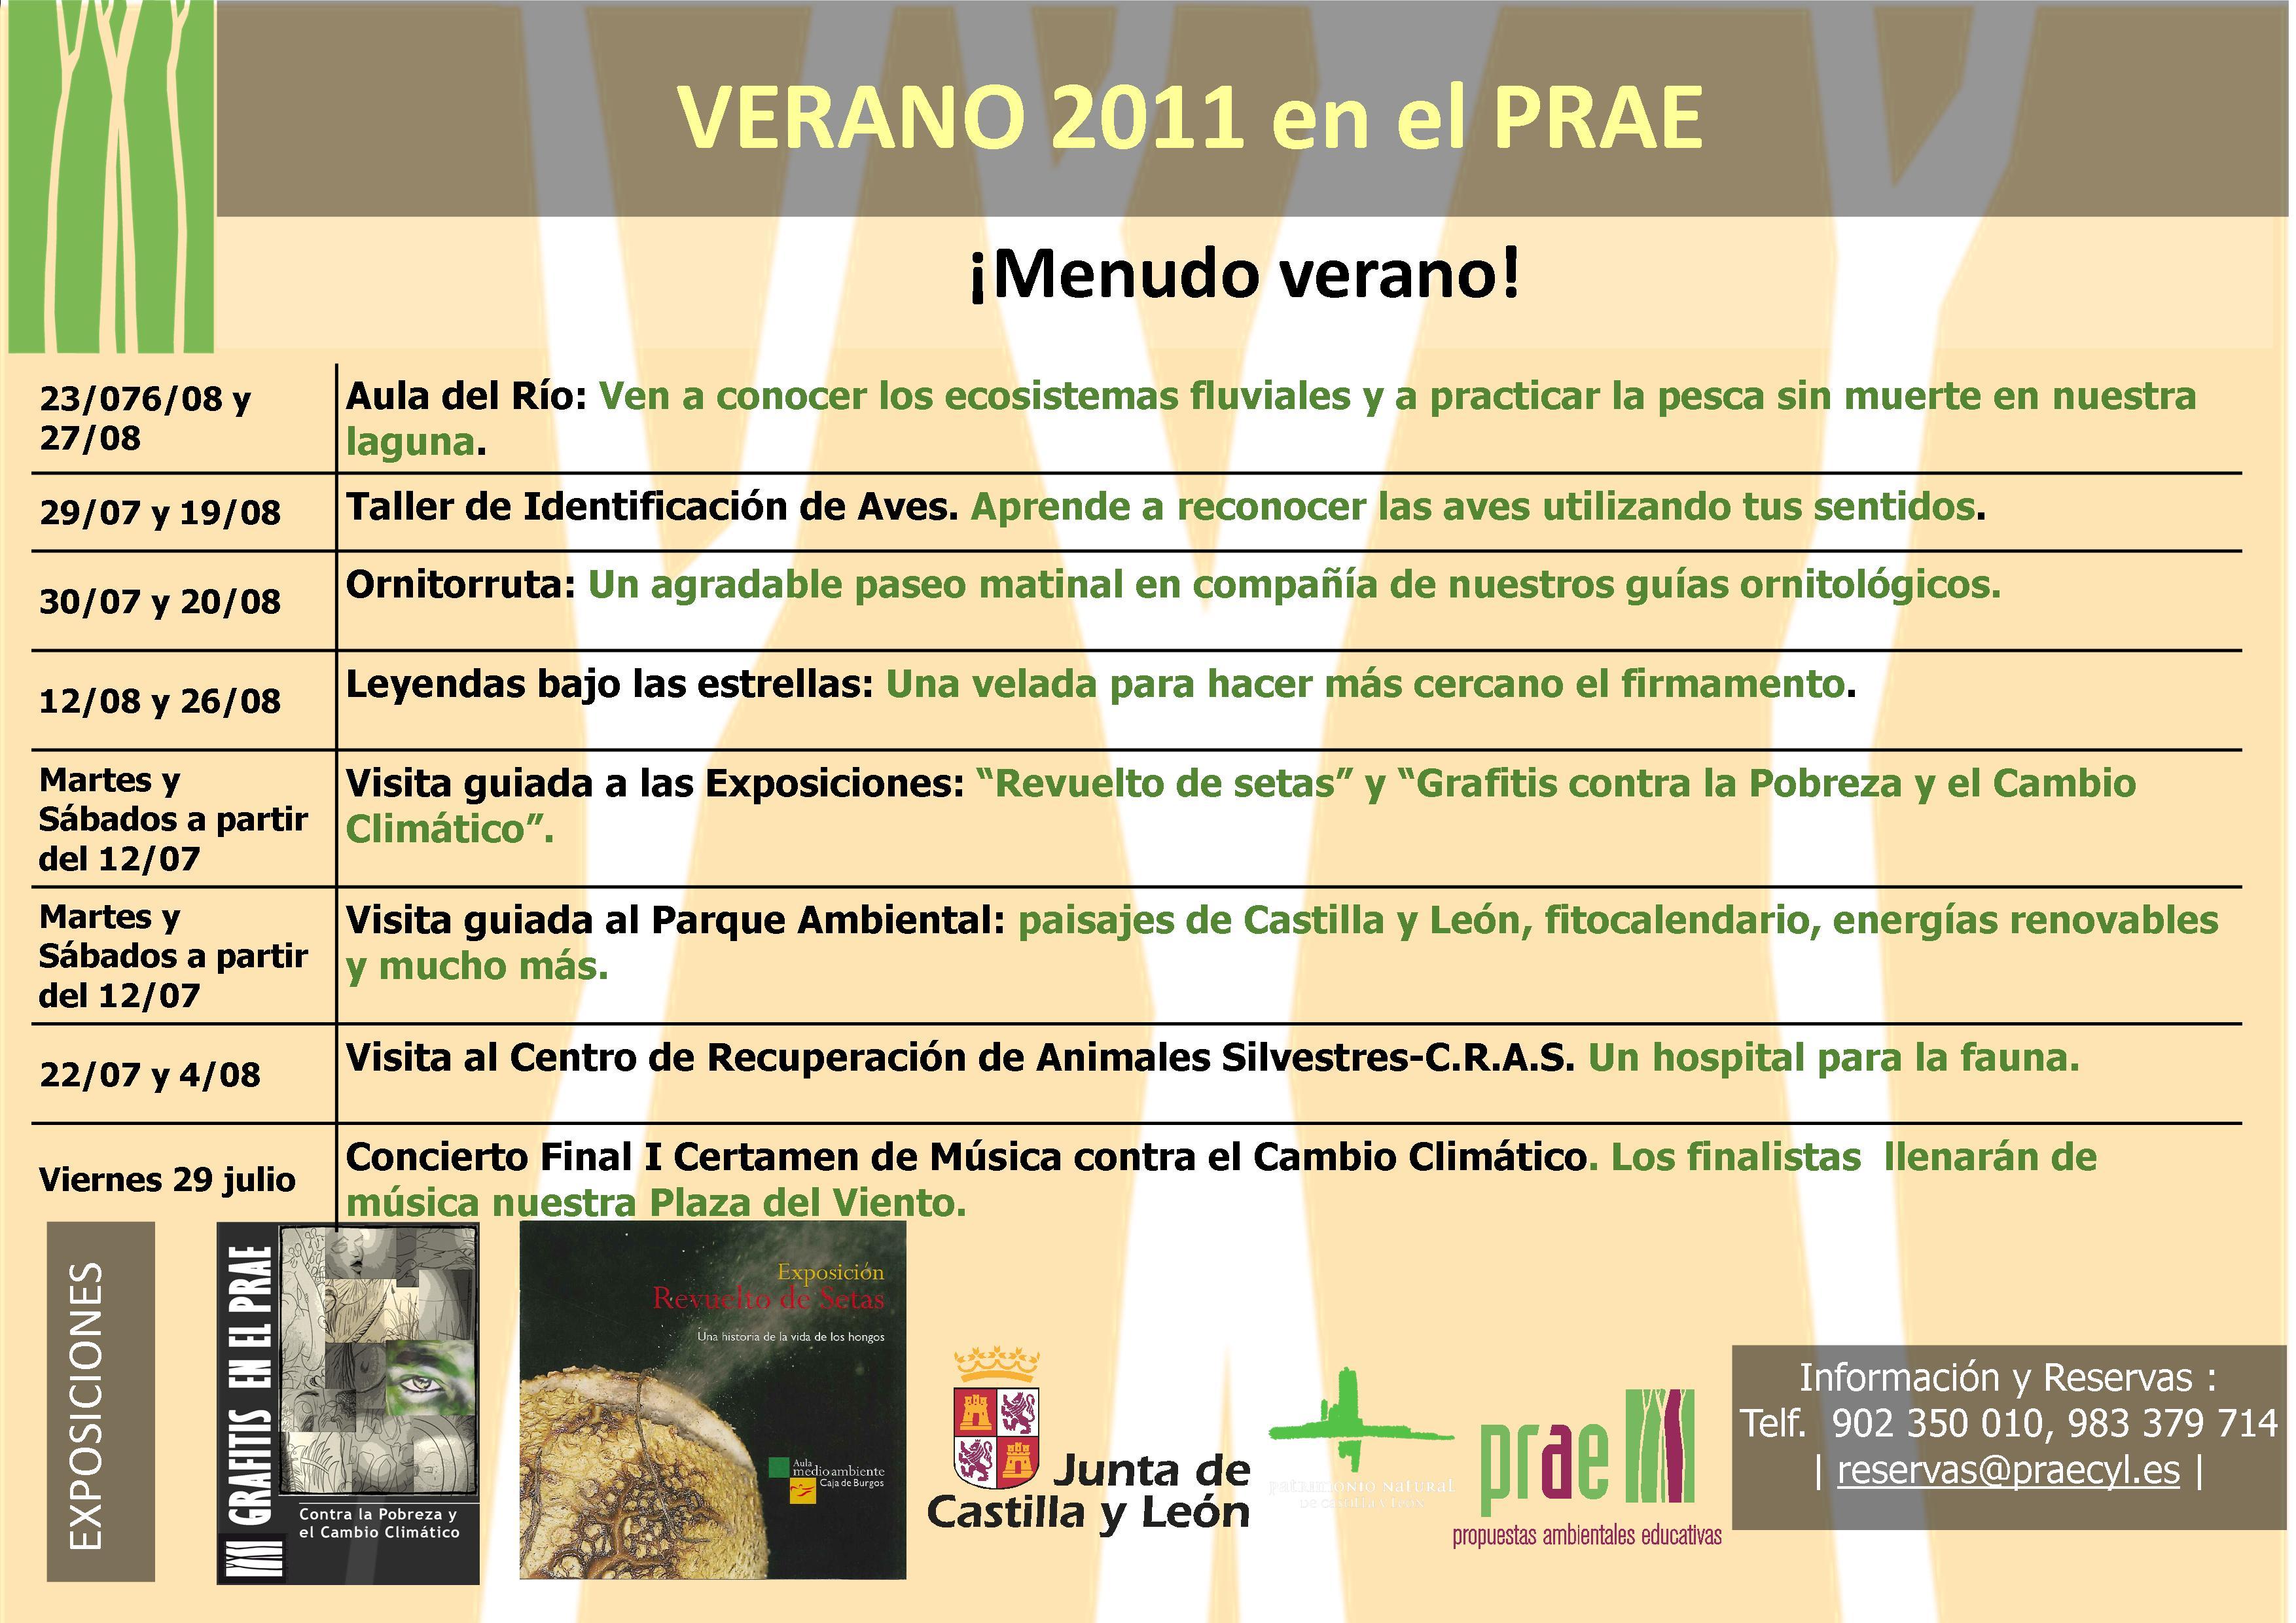 Cartel de Actividades Verano 2011 en el PRAE